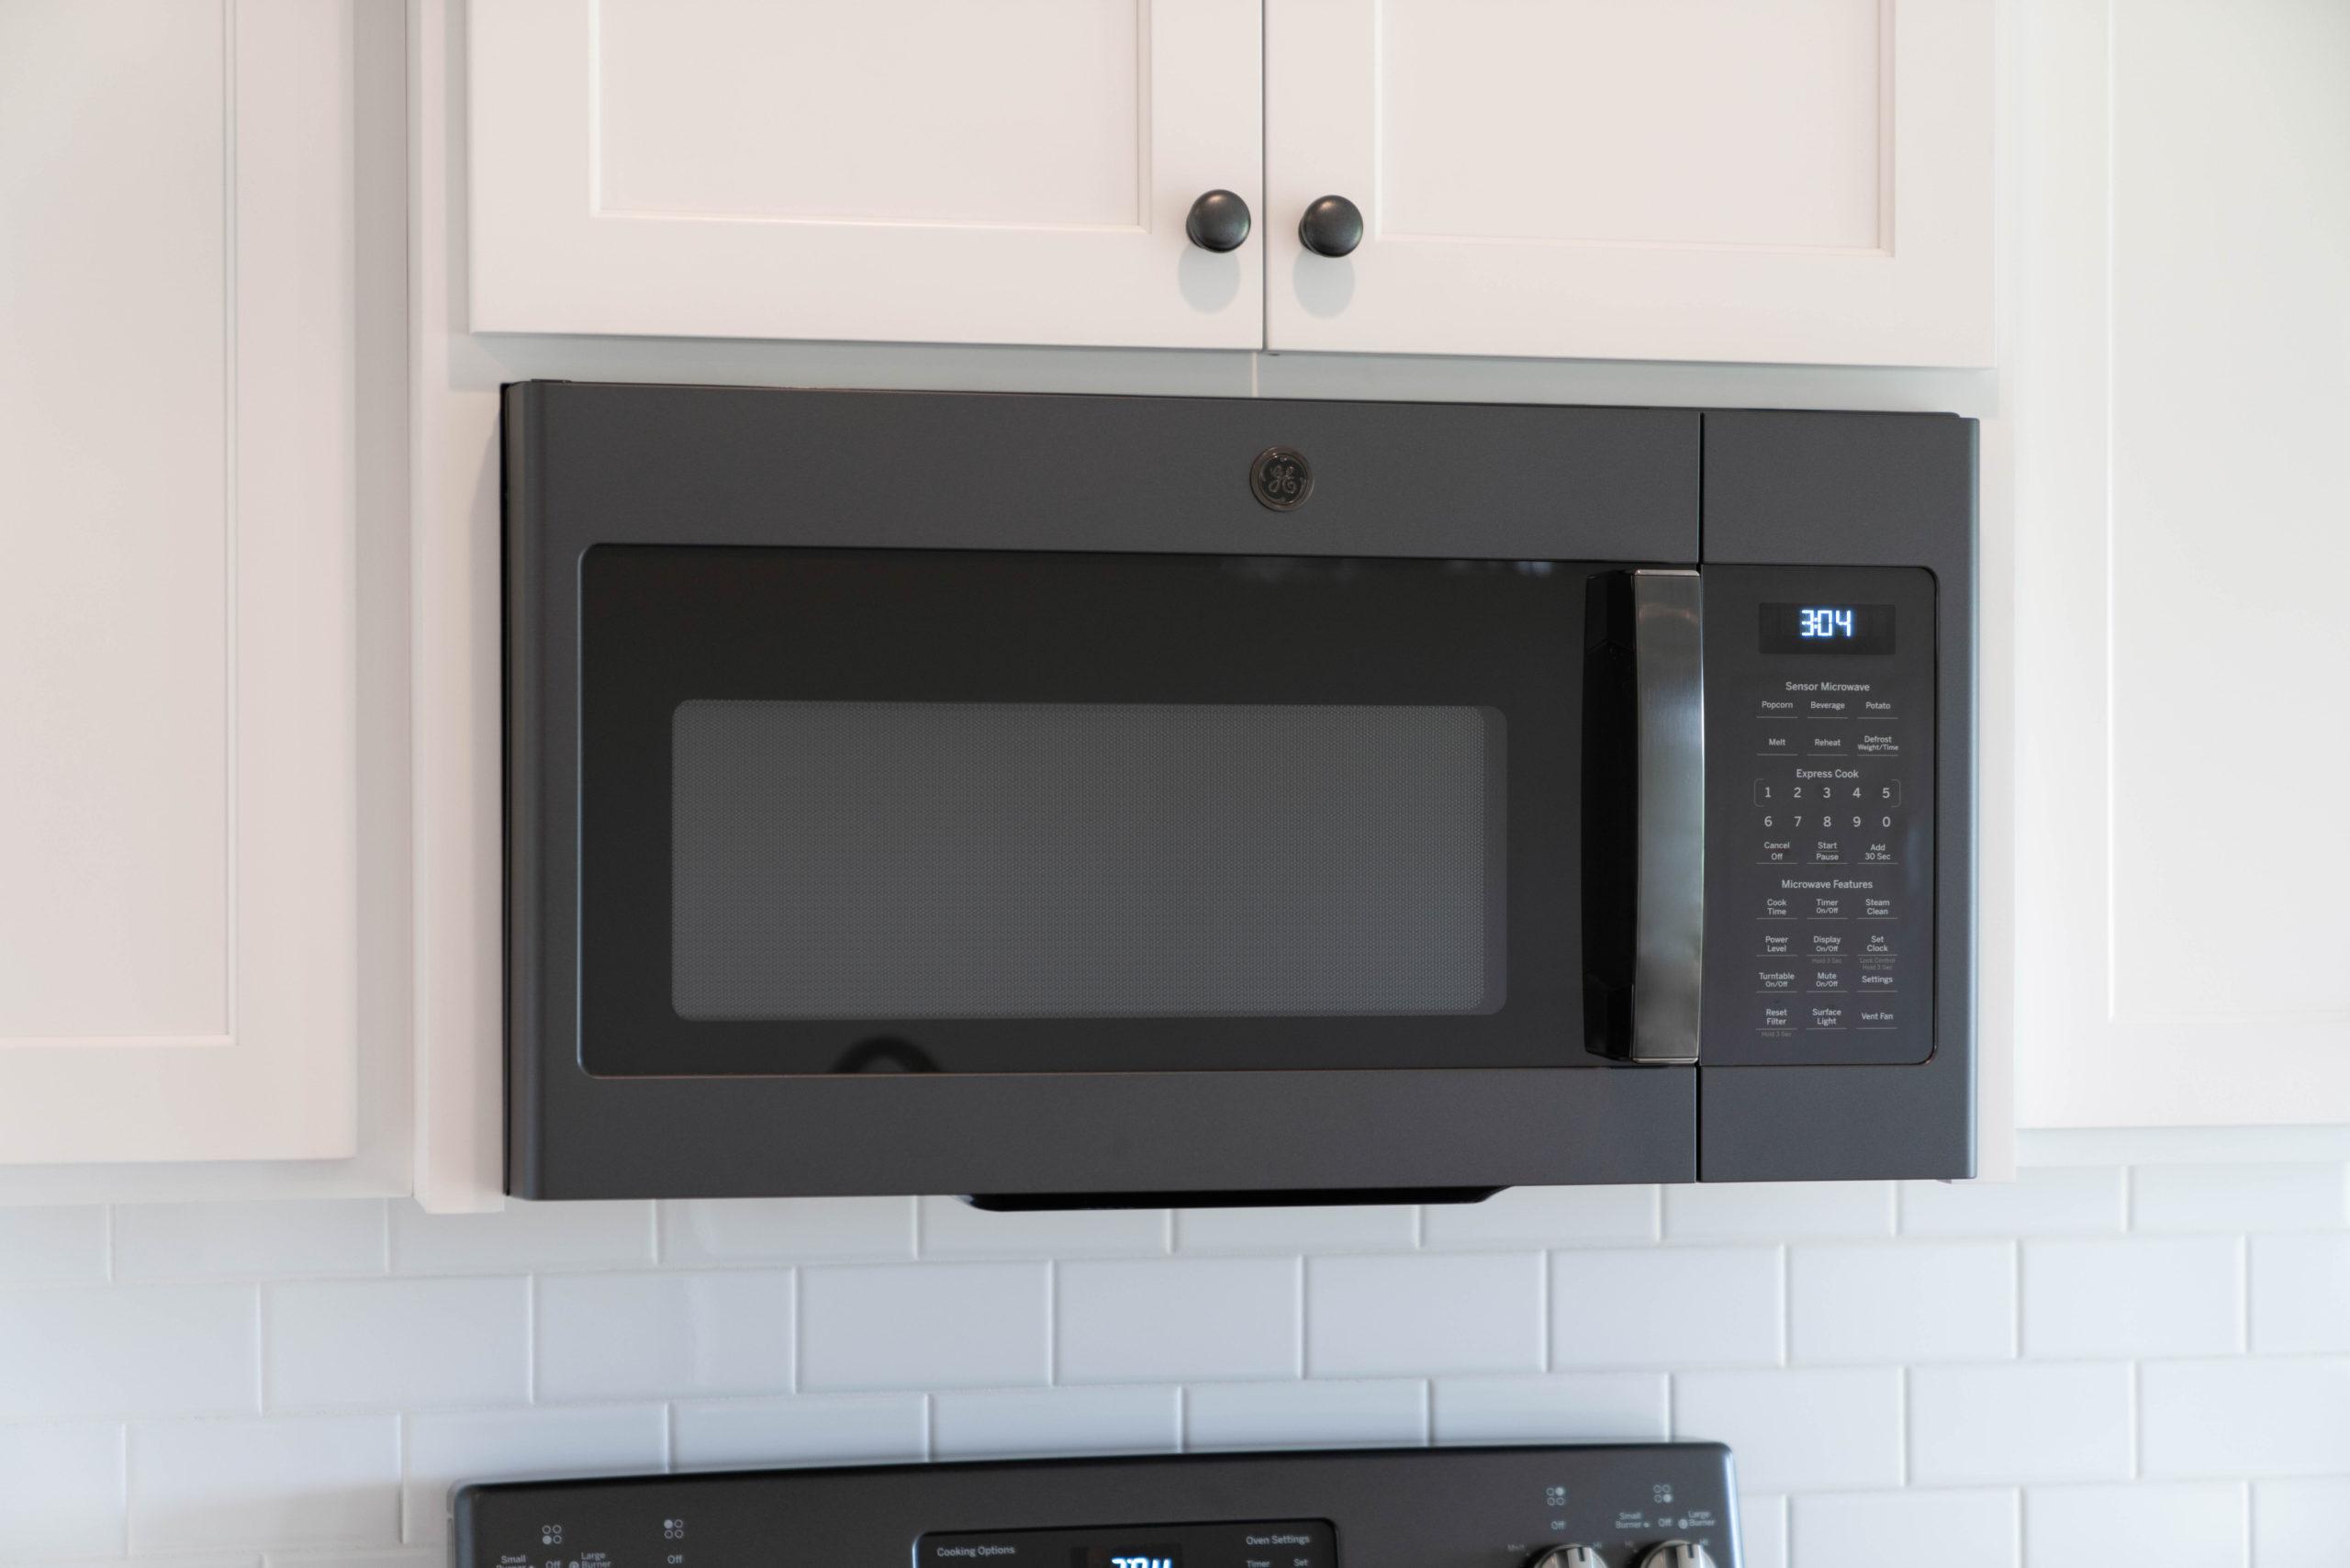 dark gray microwave in white kitchen